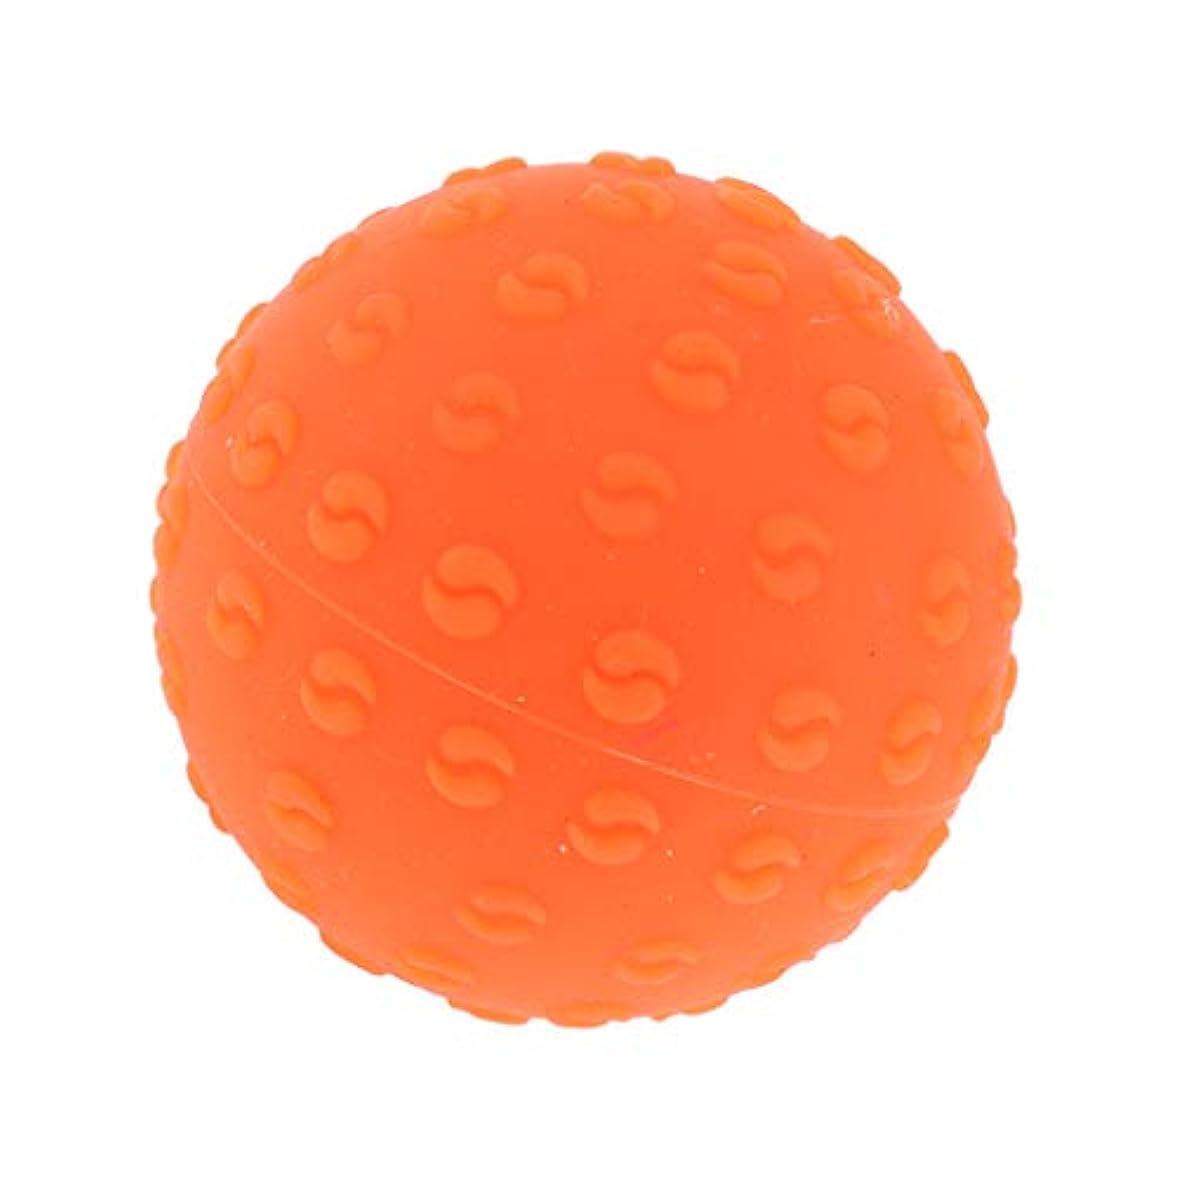 コショウ管理結論CUTICATE マッサージボール 指圧ボール シリコーン トリガーポイント 足底筋膜炎 ヨガ マッサージ器 全6色 - オレンジ, 説明のとおり